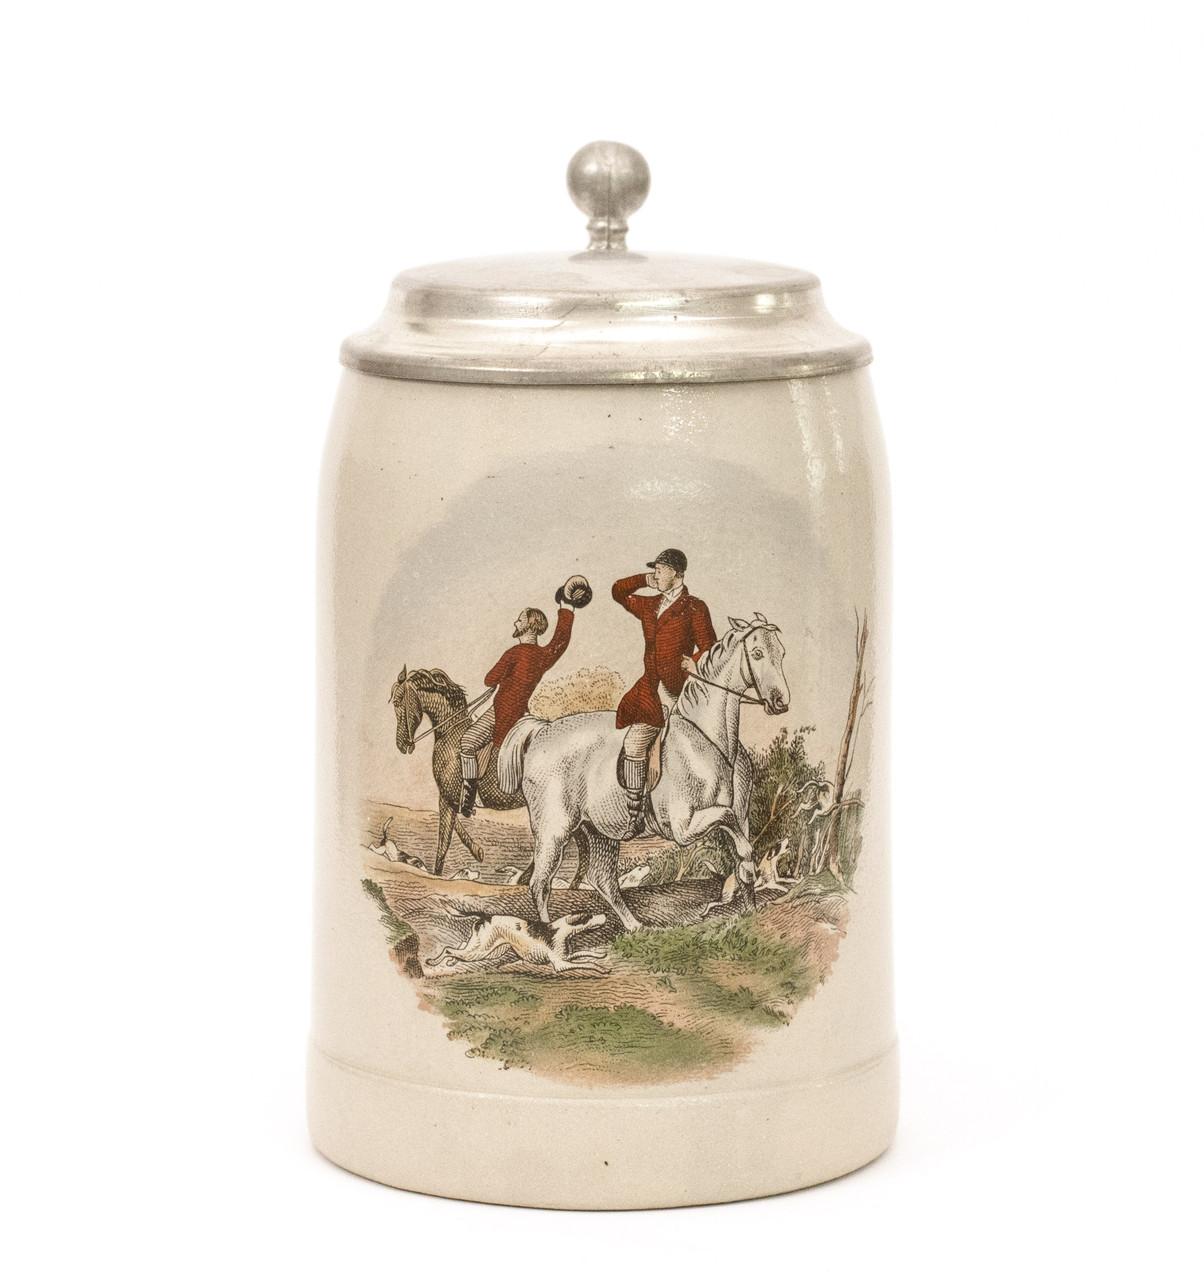 Коллекционный пивной бокал, керамика, оловянная крышка, Германия, охота